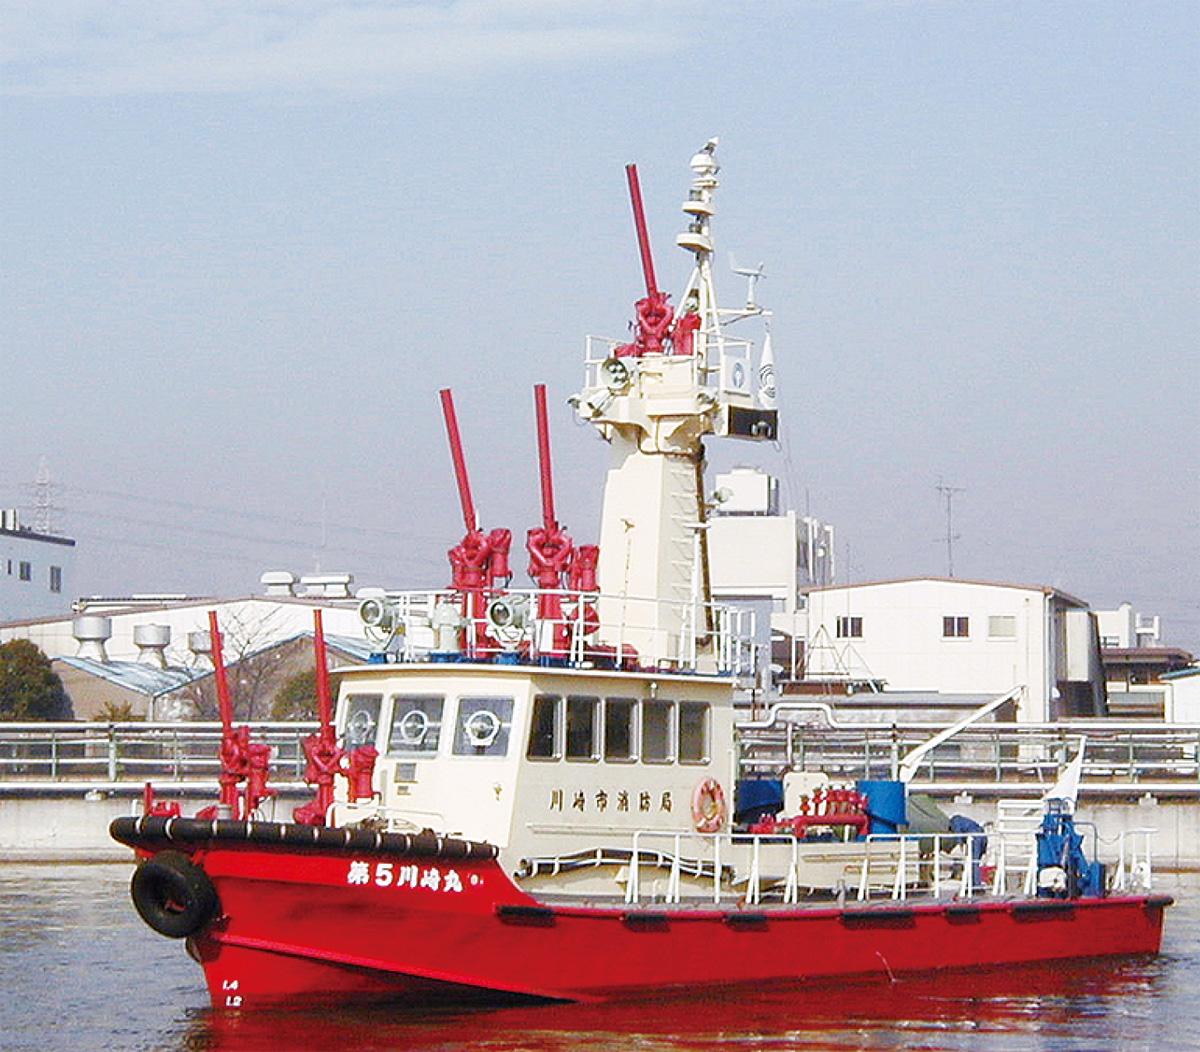 新消防艇の名前募集 川崎市消防局 | 宮前区 | タウンニュース